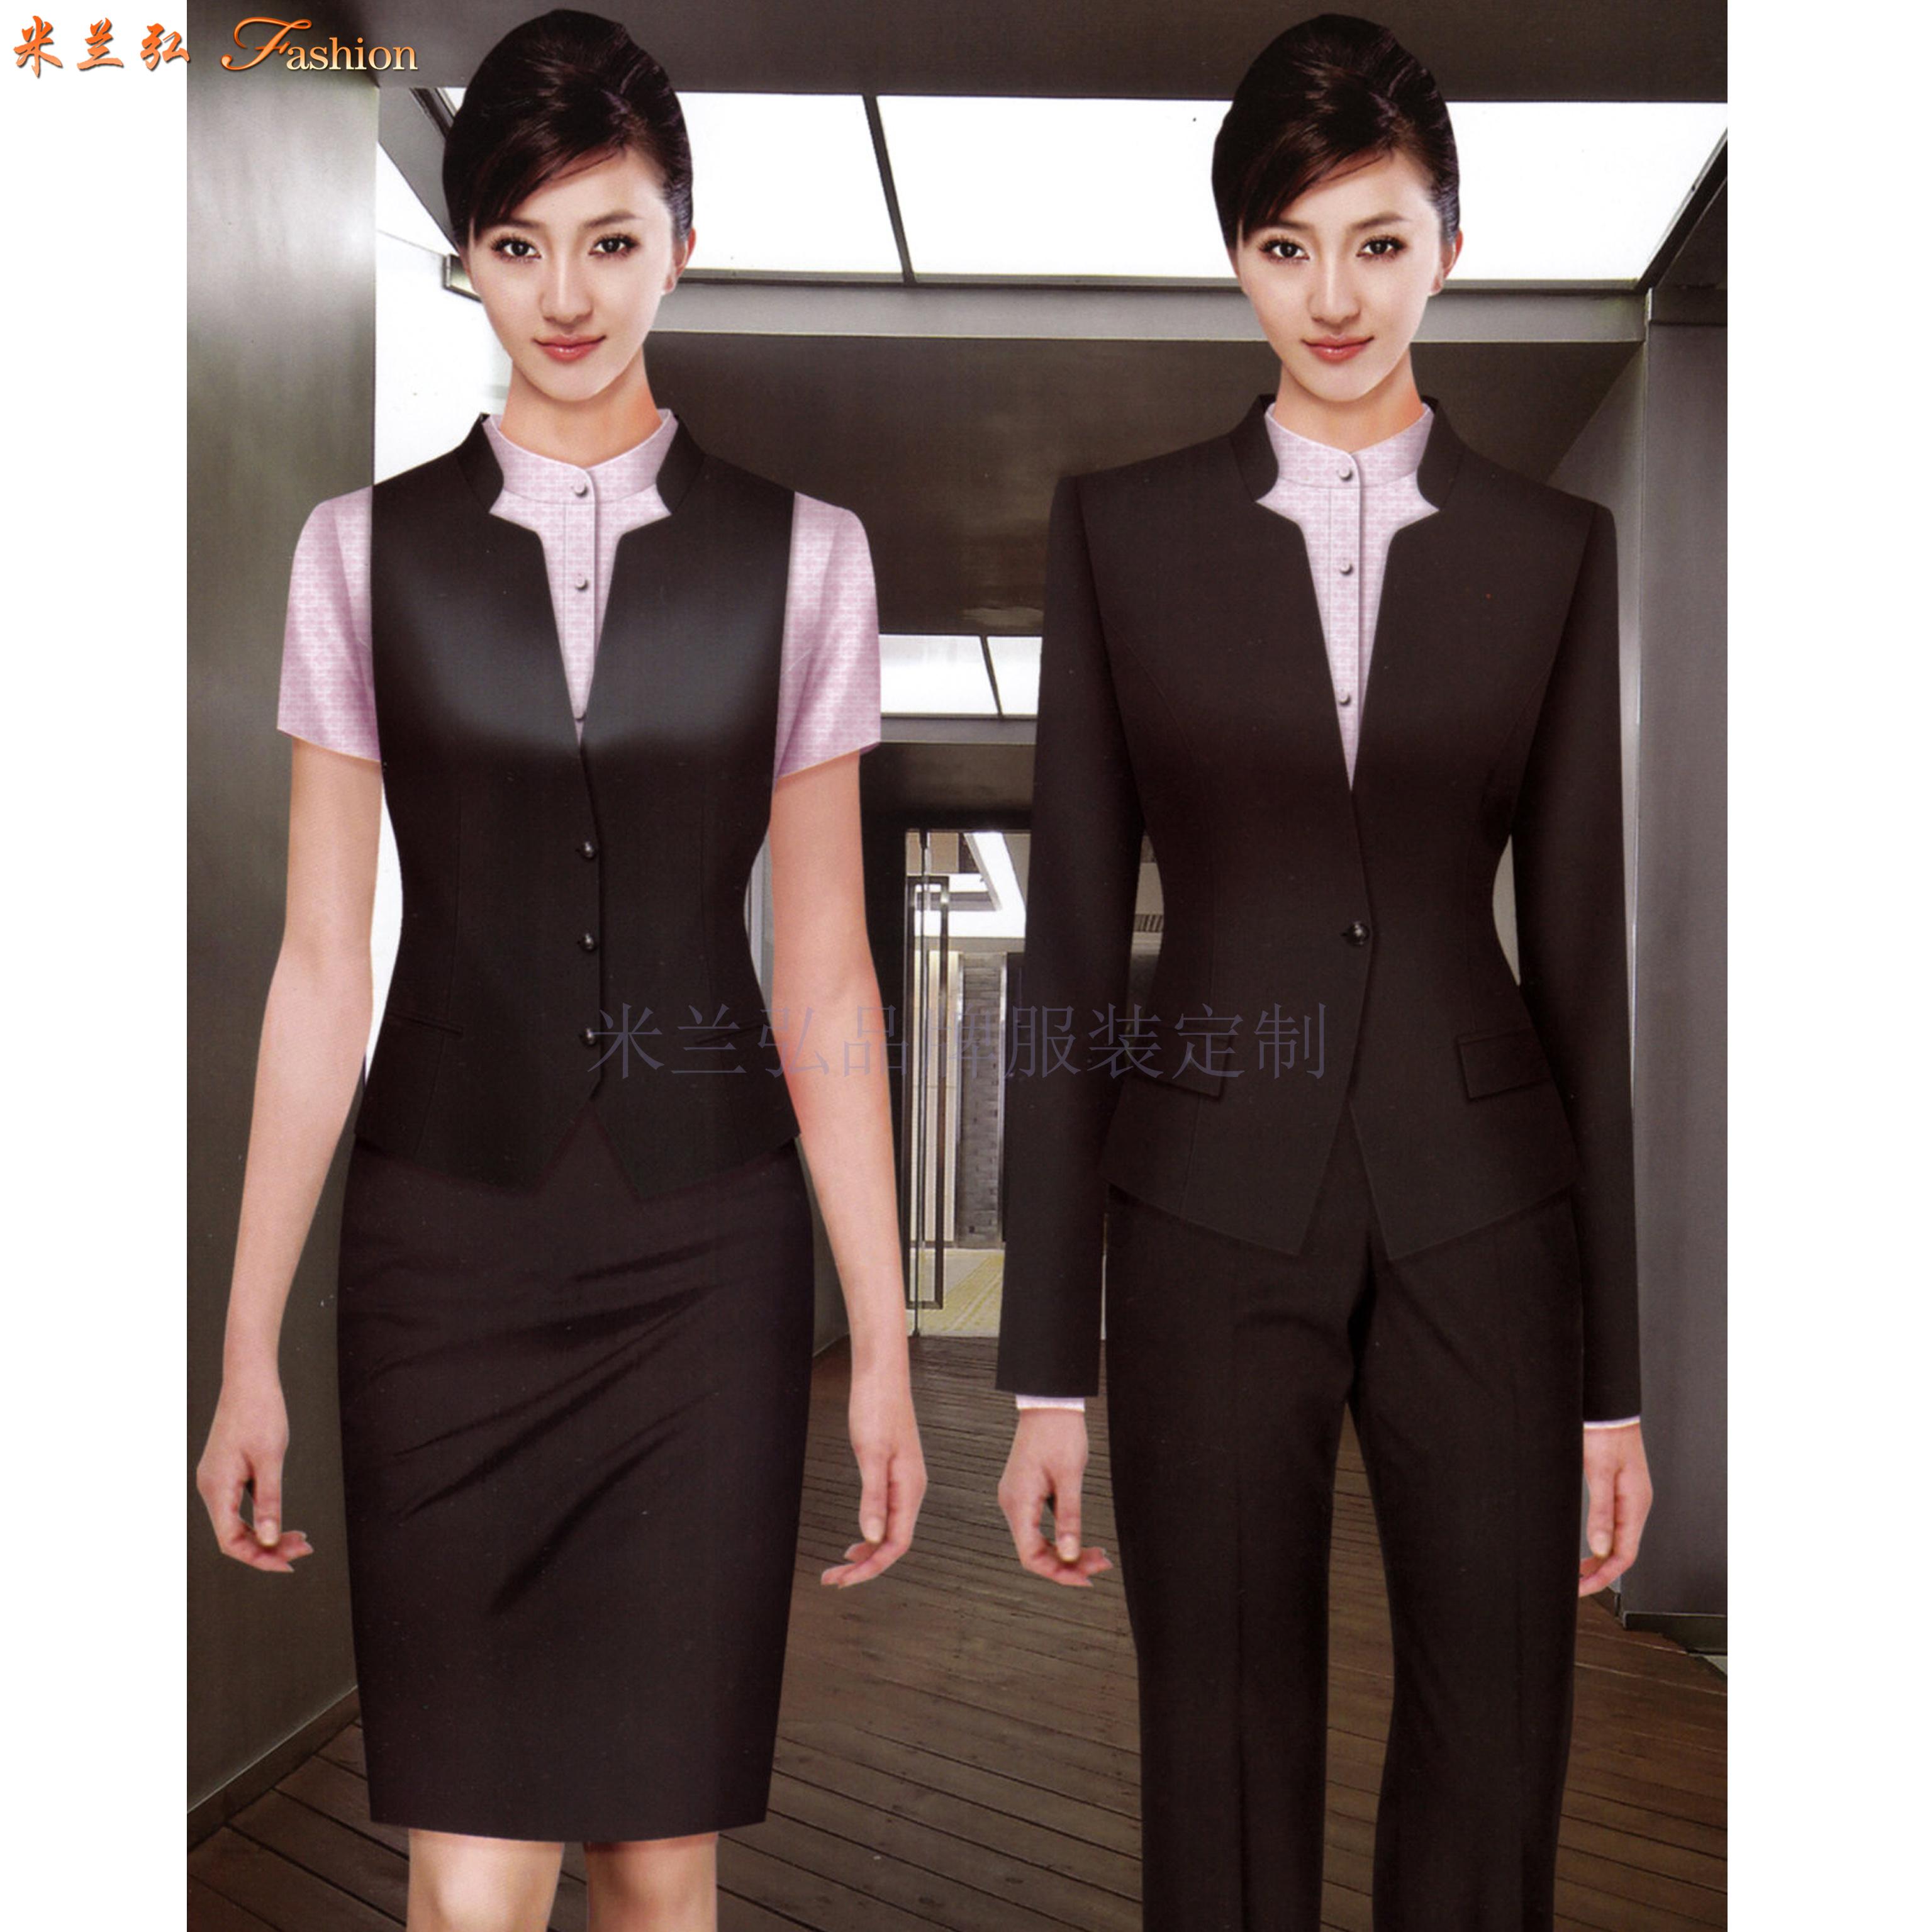 京津冀公司職業裝定制-選擇潮流時尚的正裝職業裝公司-米蘭弘-1